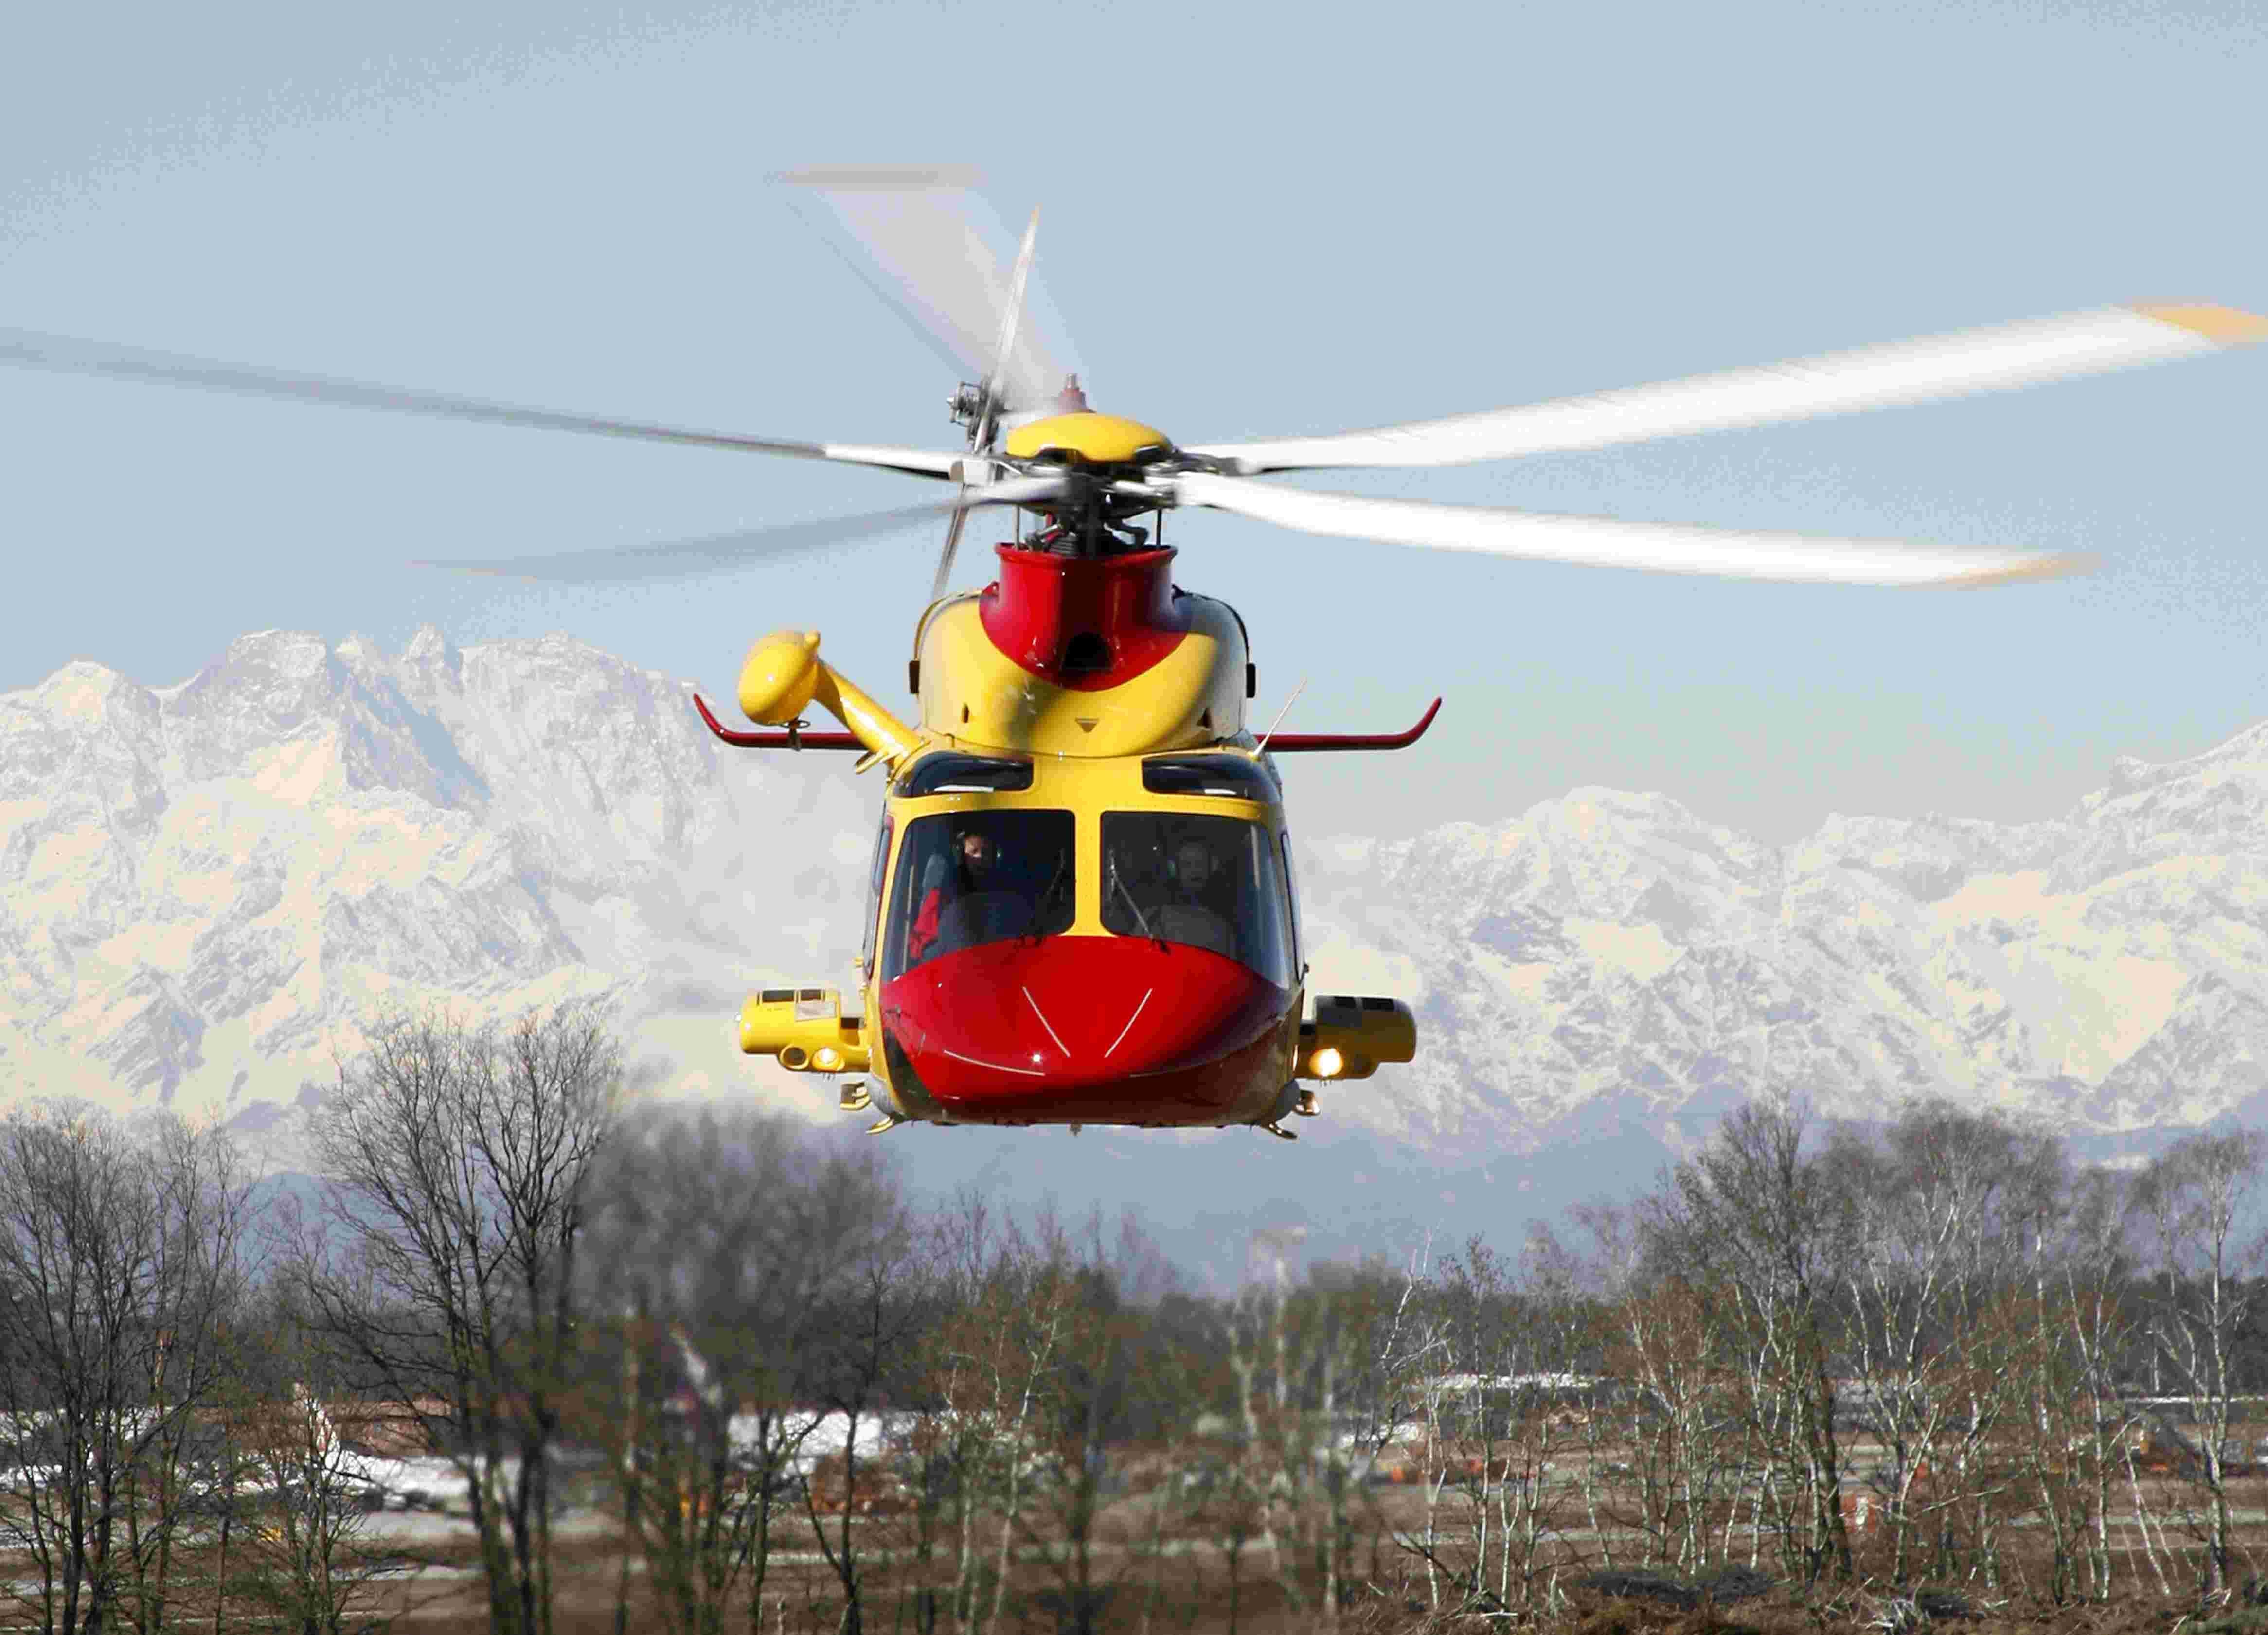 Elicottero Milano : Amianto negli elicotteri dello stato: e sui rischi per la salute